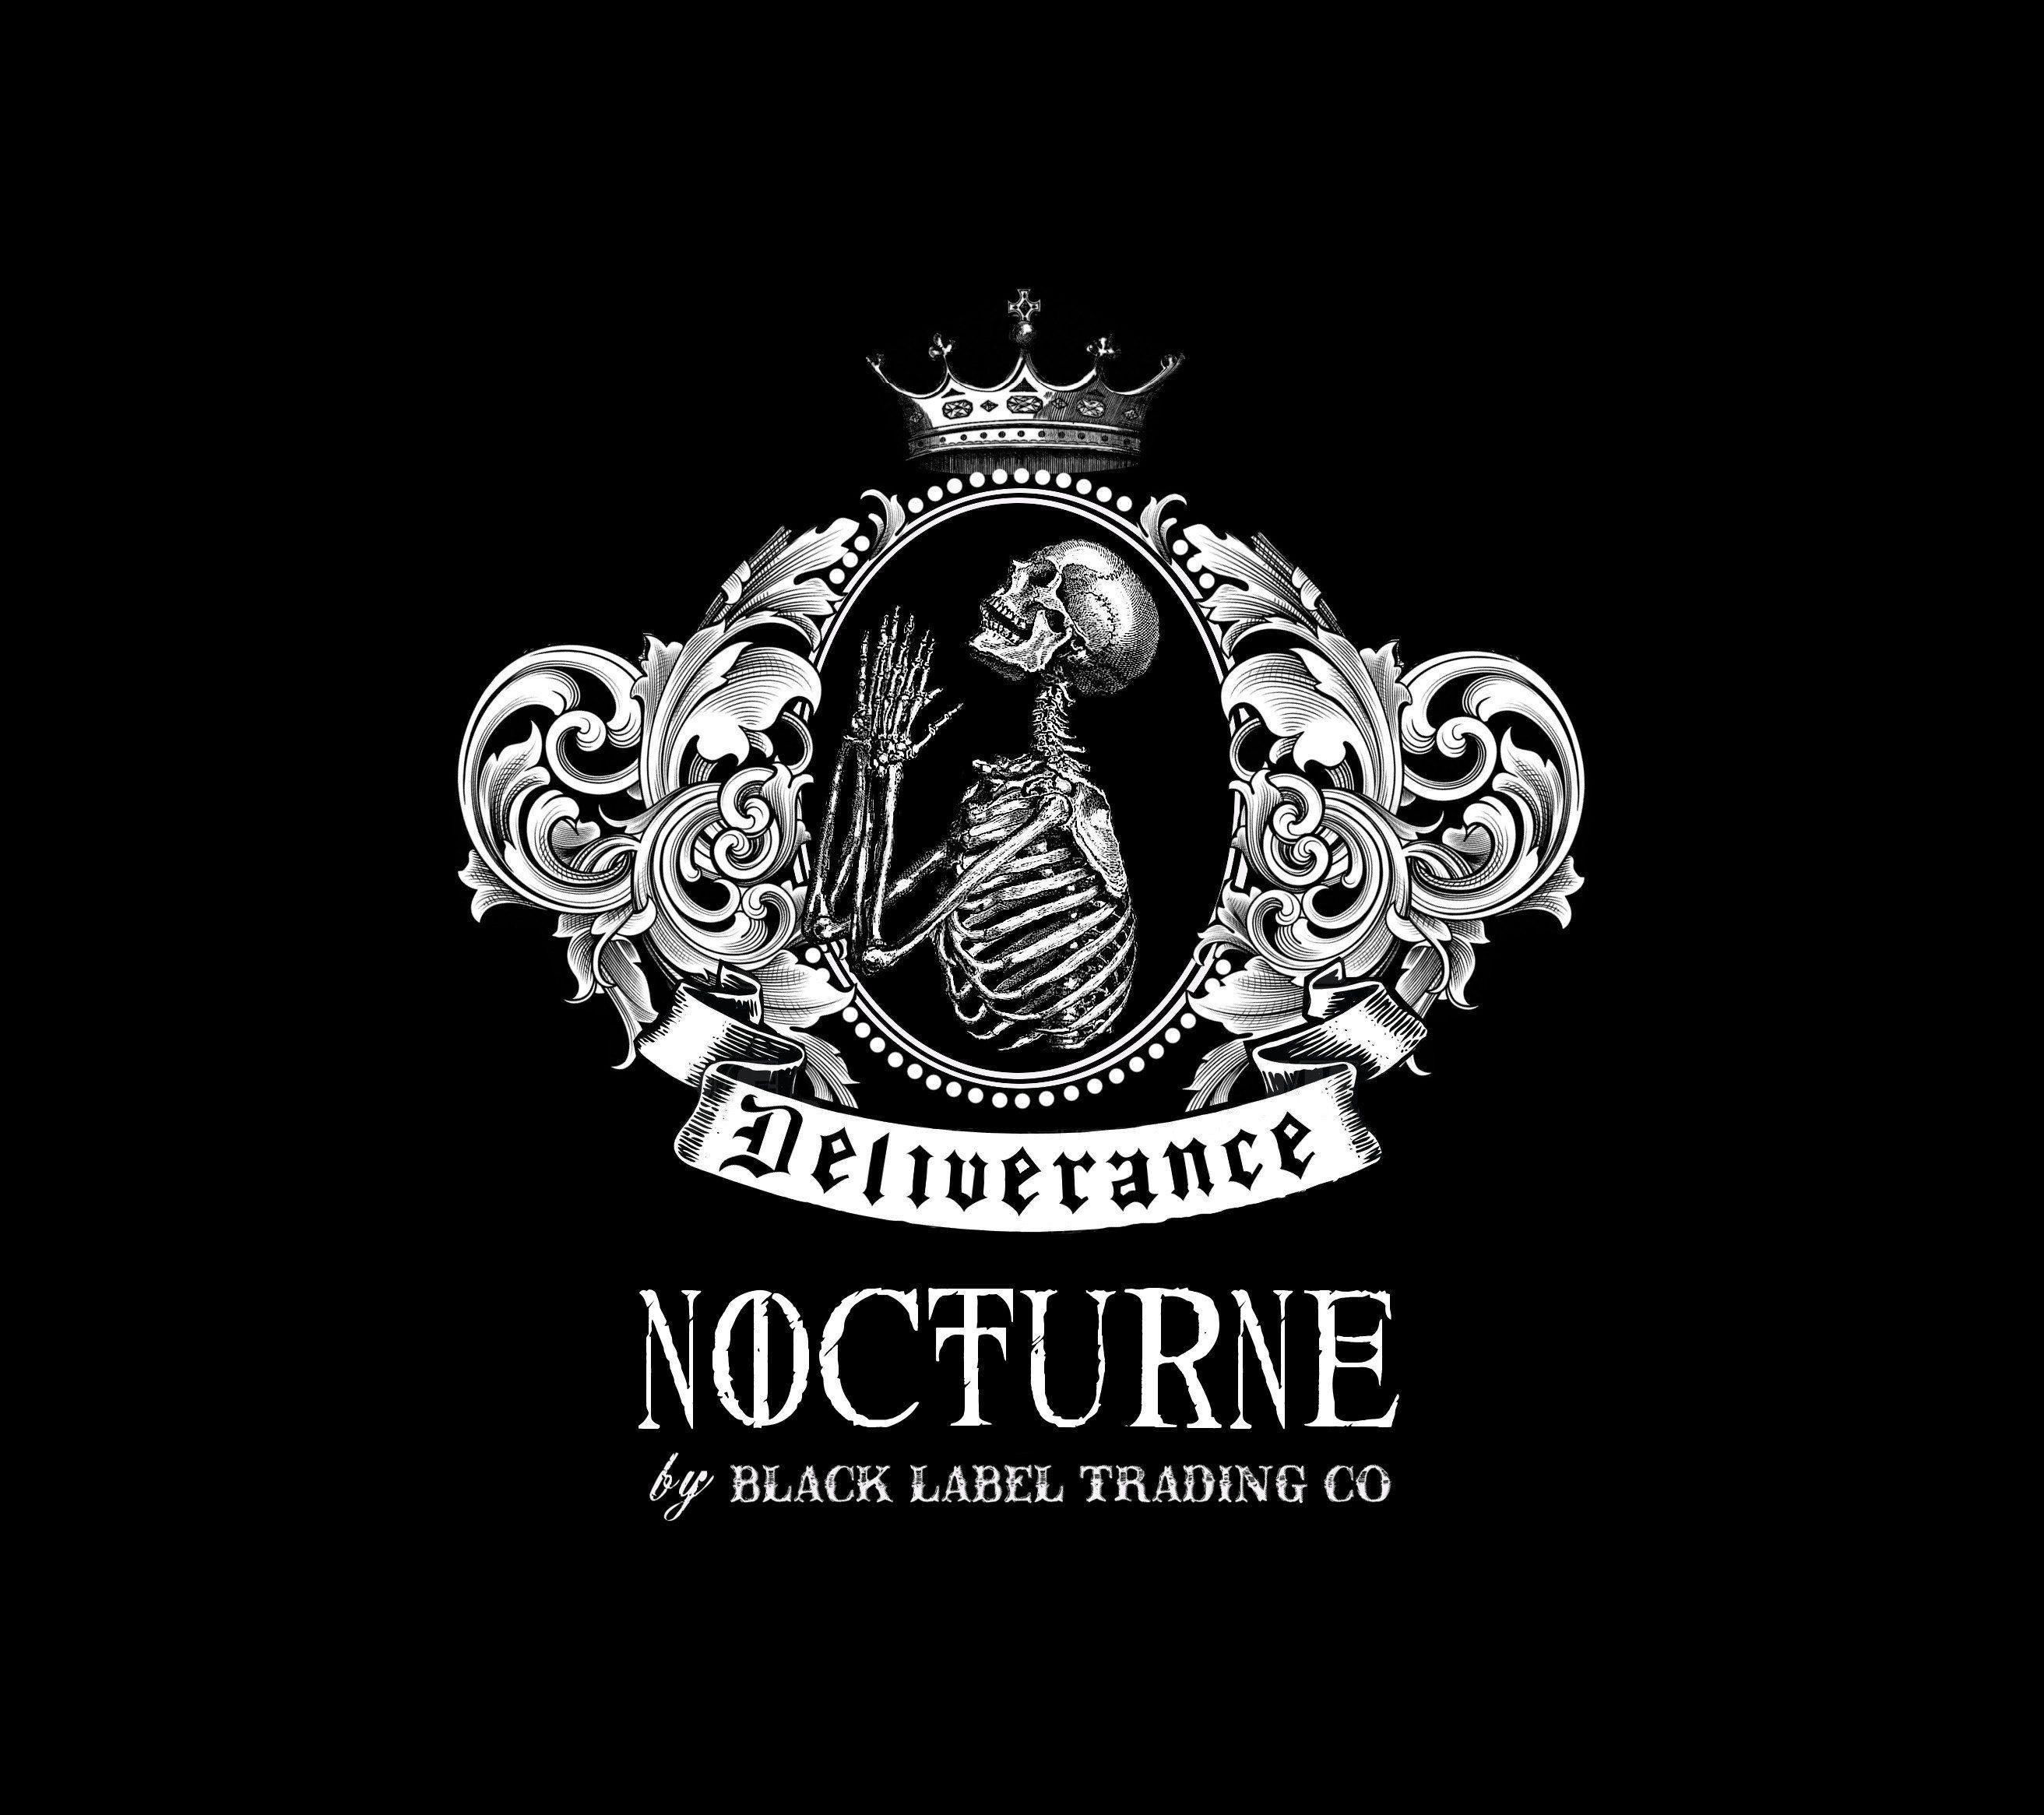 Cigar News: Black Label Deliverance Nocturne Ships